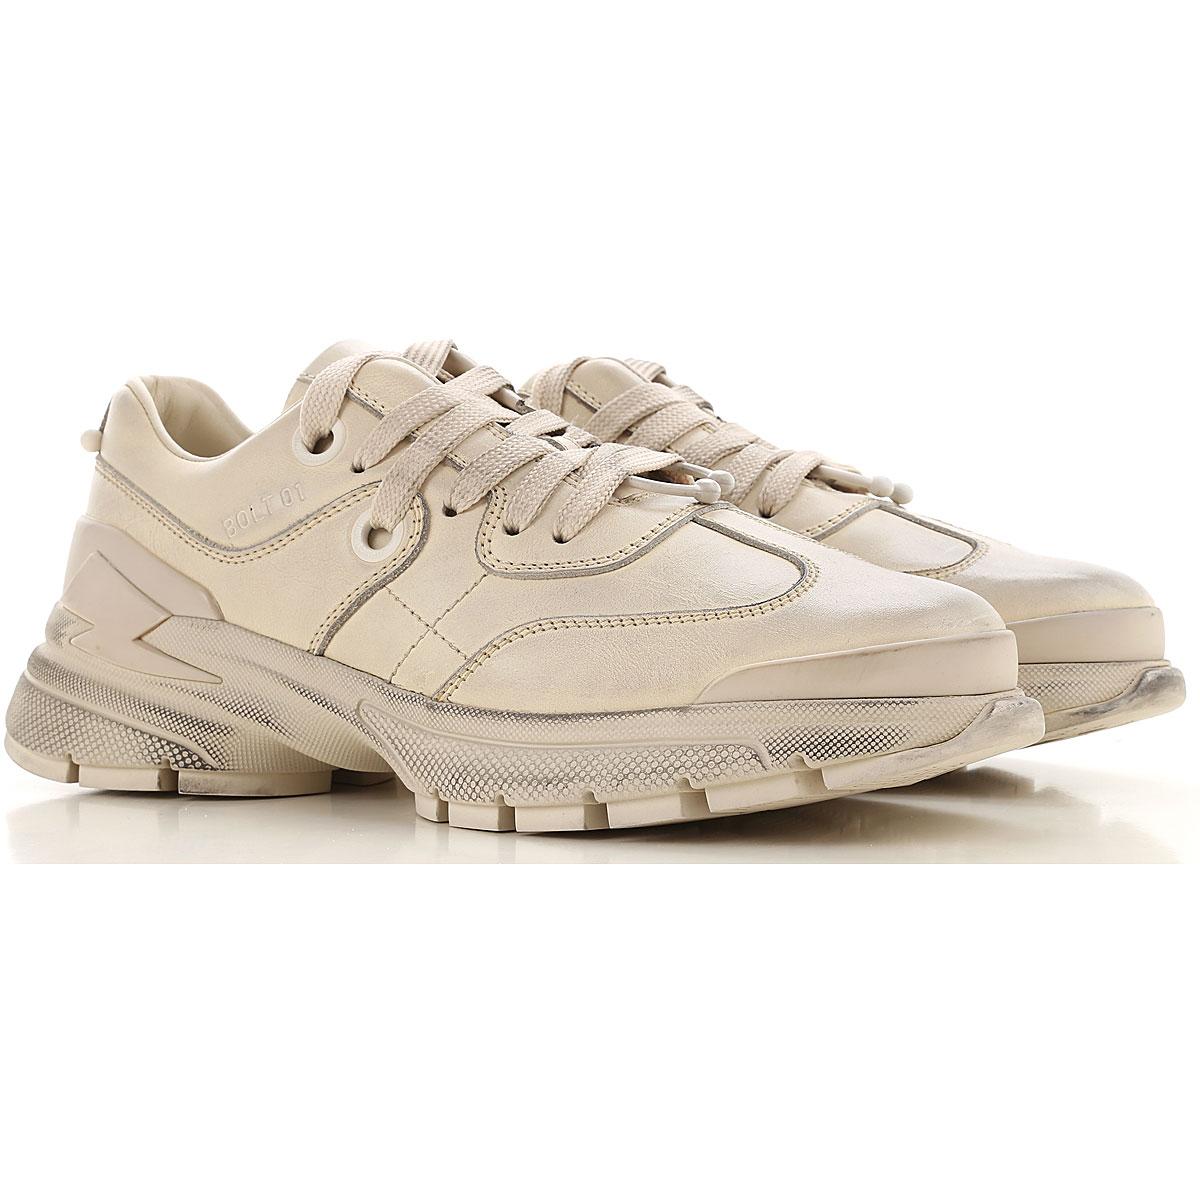 Neil Barrett Sneaker Homme Pas cher en Soldes, Beige sale, Cuir, 2019, 39.5 41 42